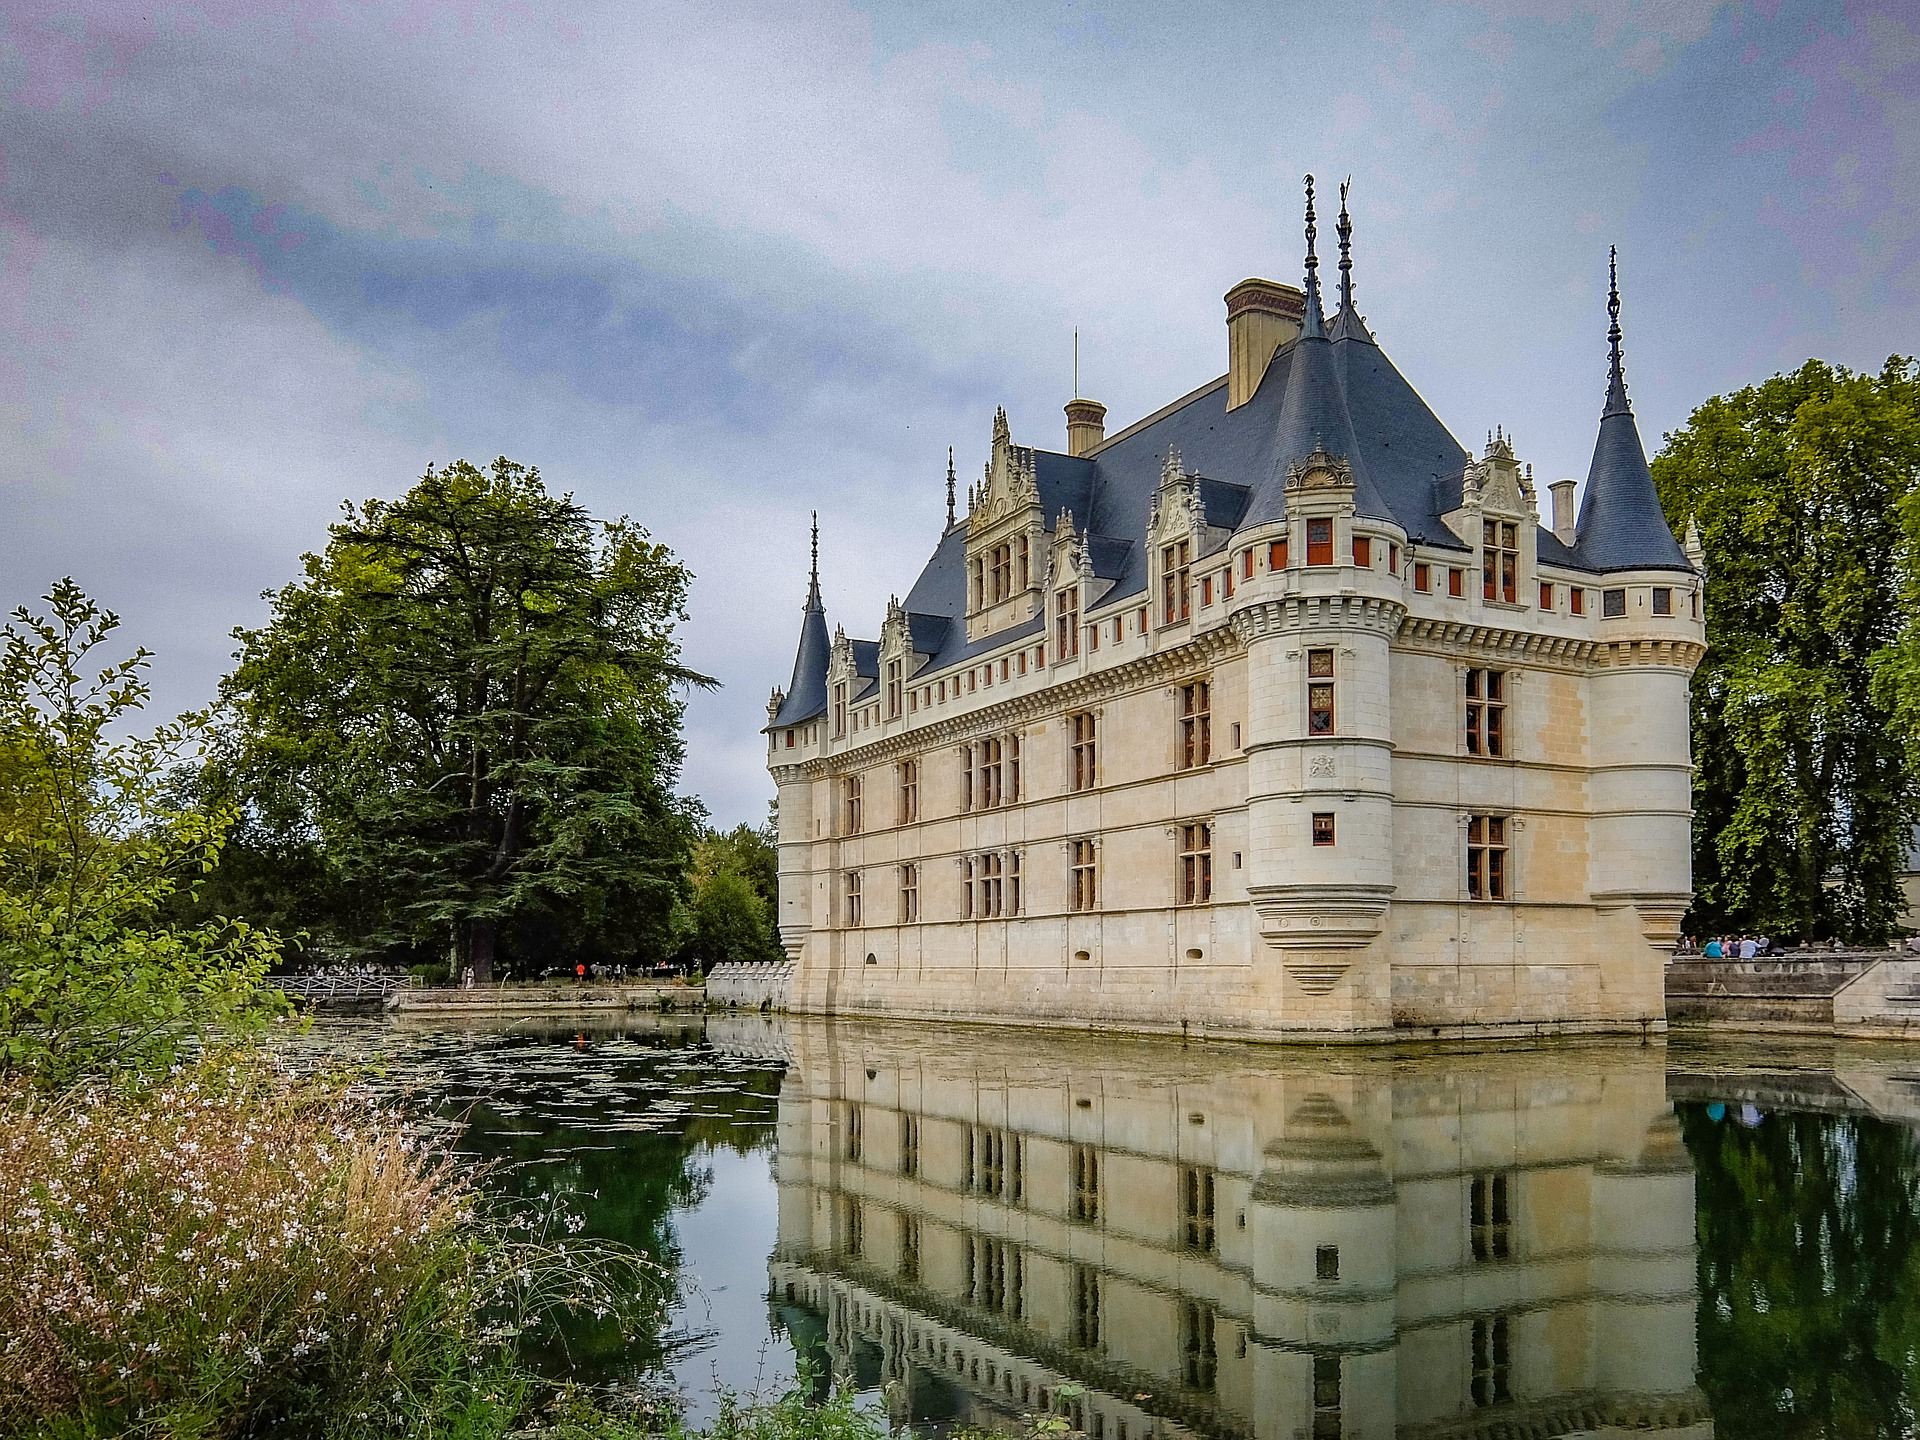 Chateaux d'Azay le rideau